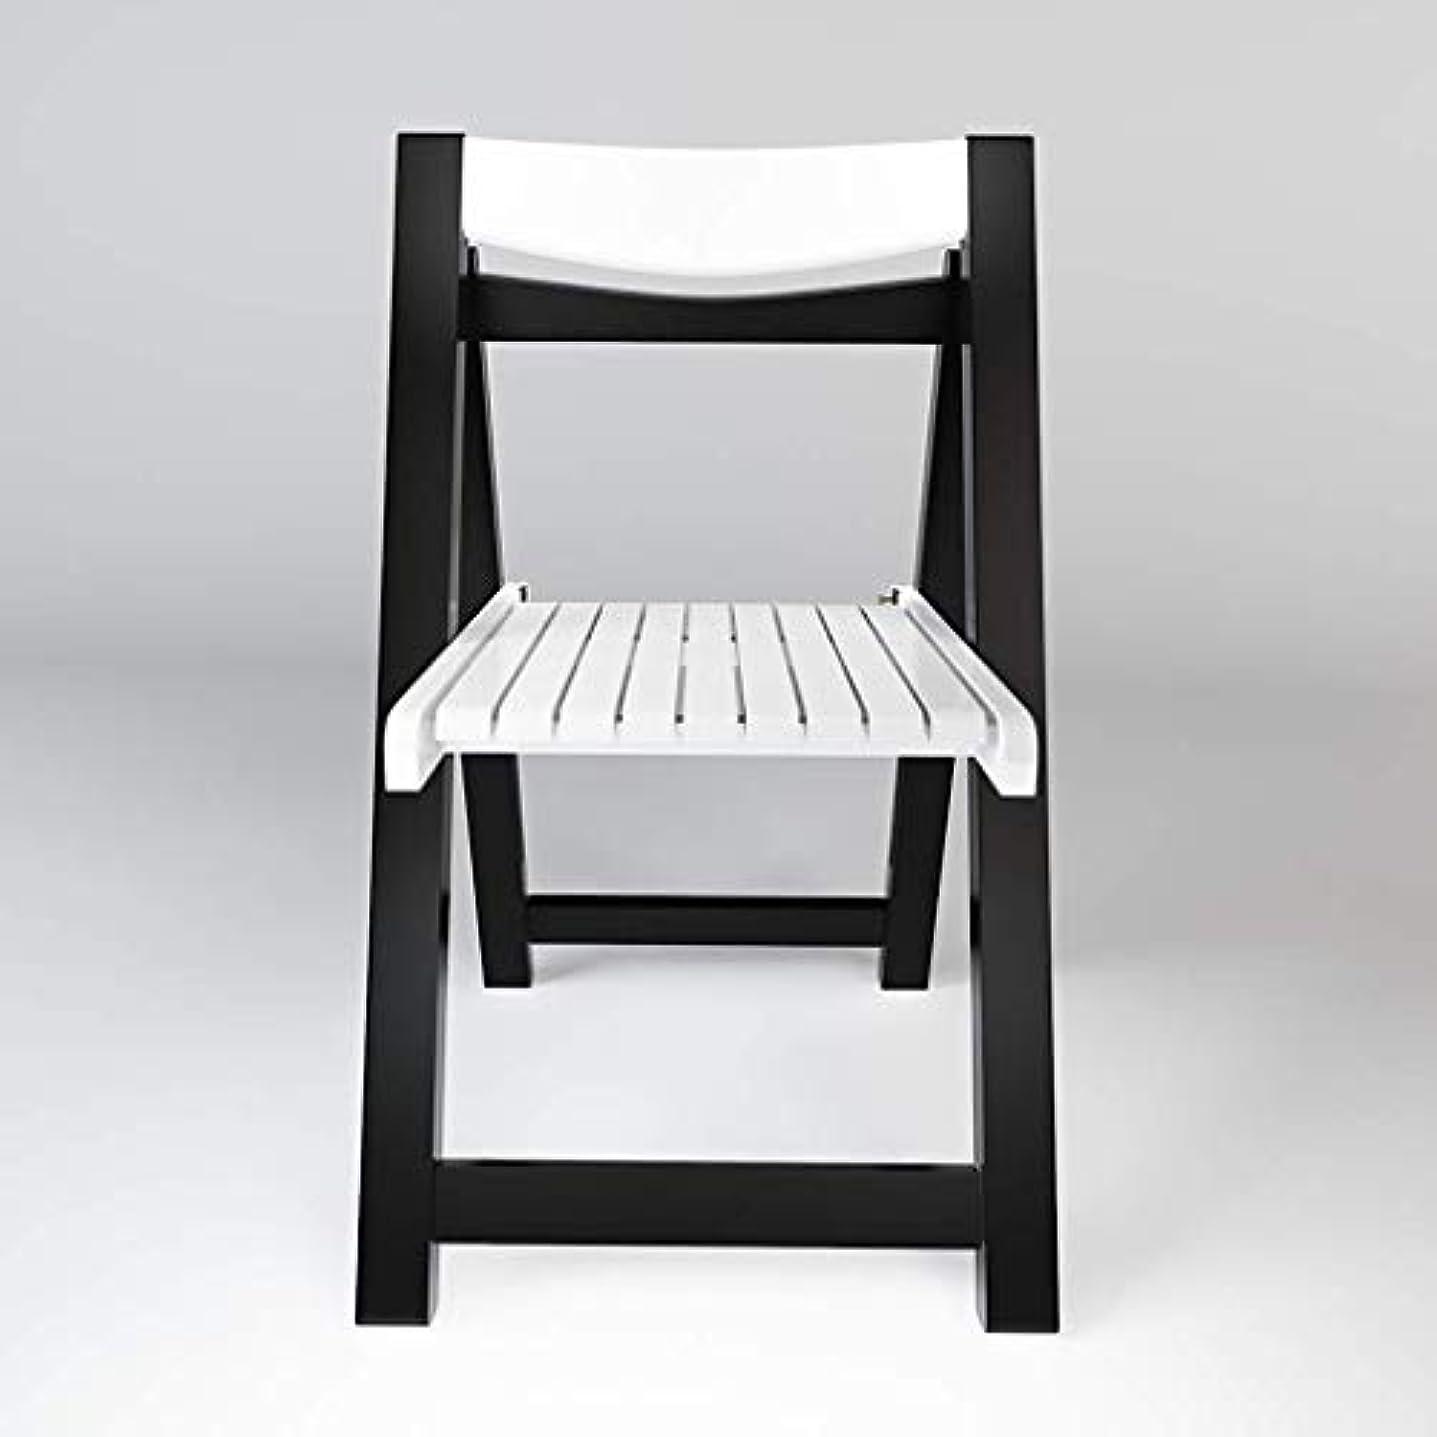 カウント想定するインストラクター折りたたみ椅子ダイニングチェア黒と白シンプルなラウンジチェア性格折り畳み式